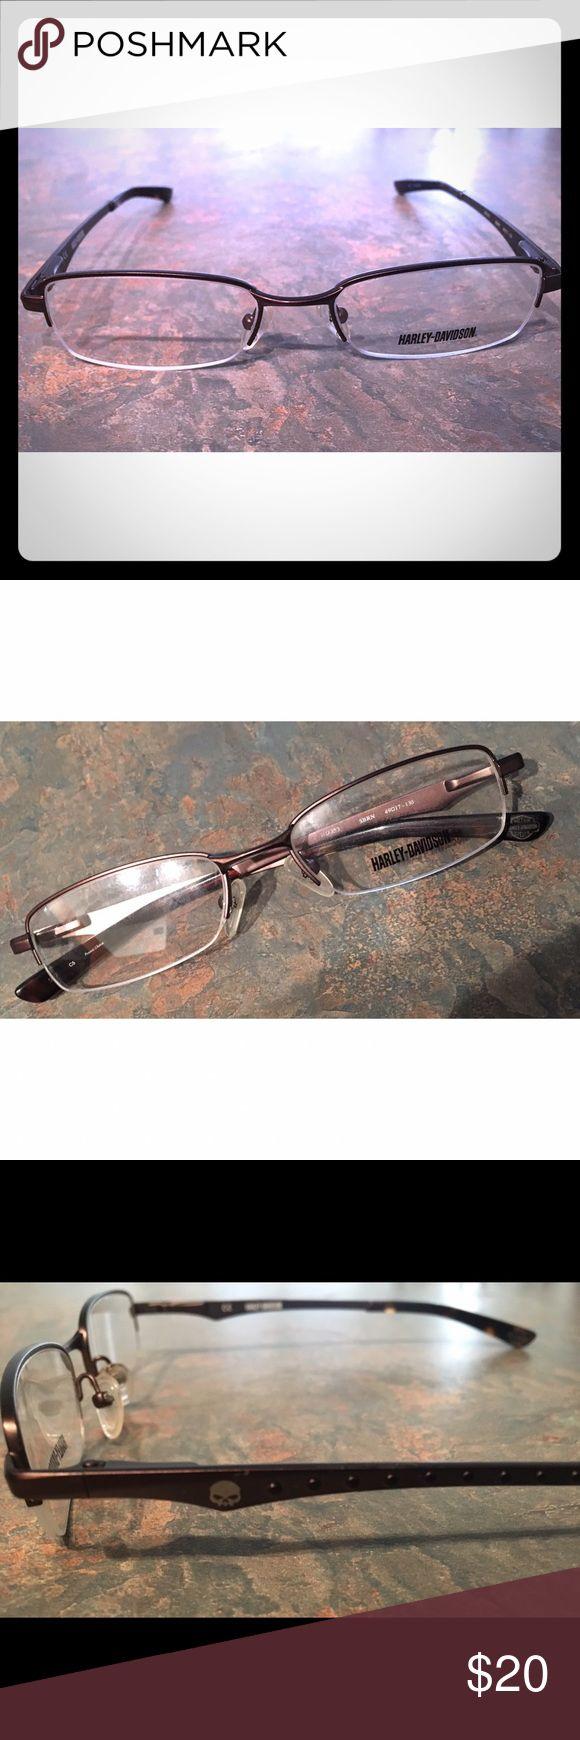 Harley Davidson frames Metal half rim Harley Davidson prescription ready optical frames Harley-Davidson Accessories Glasses